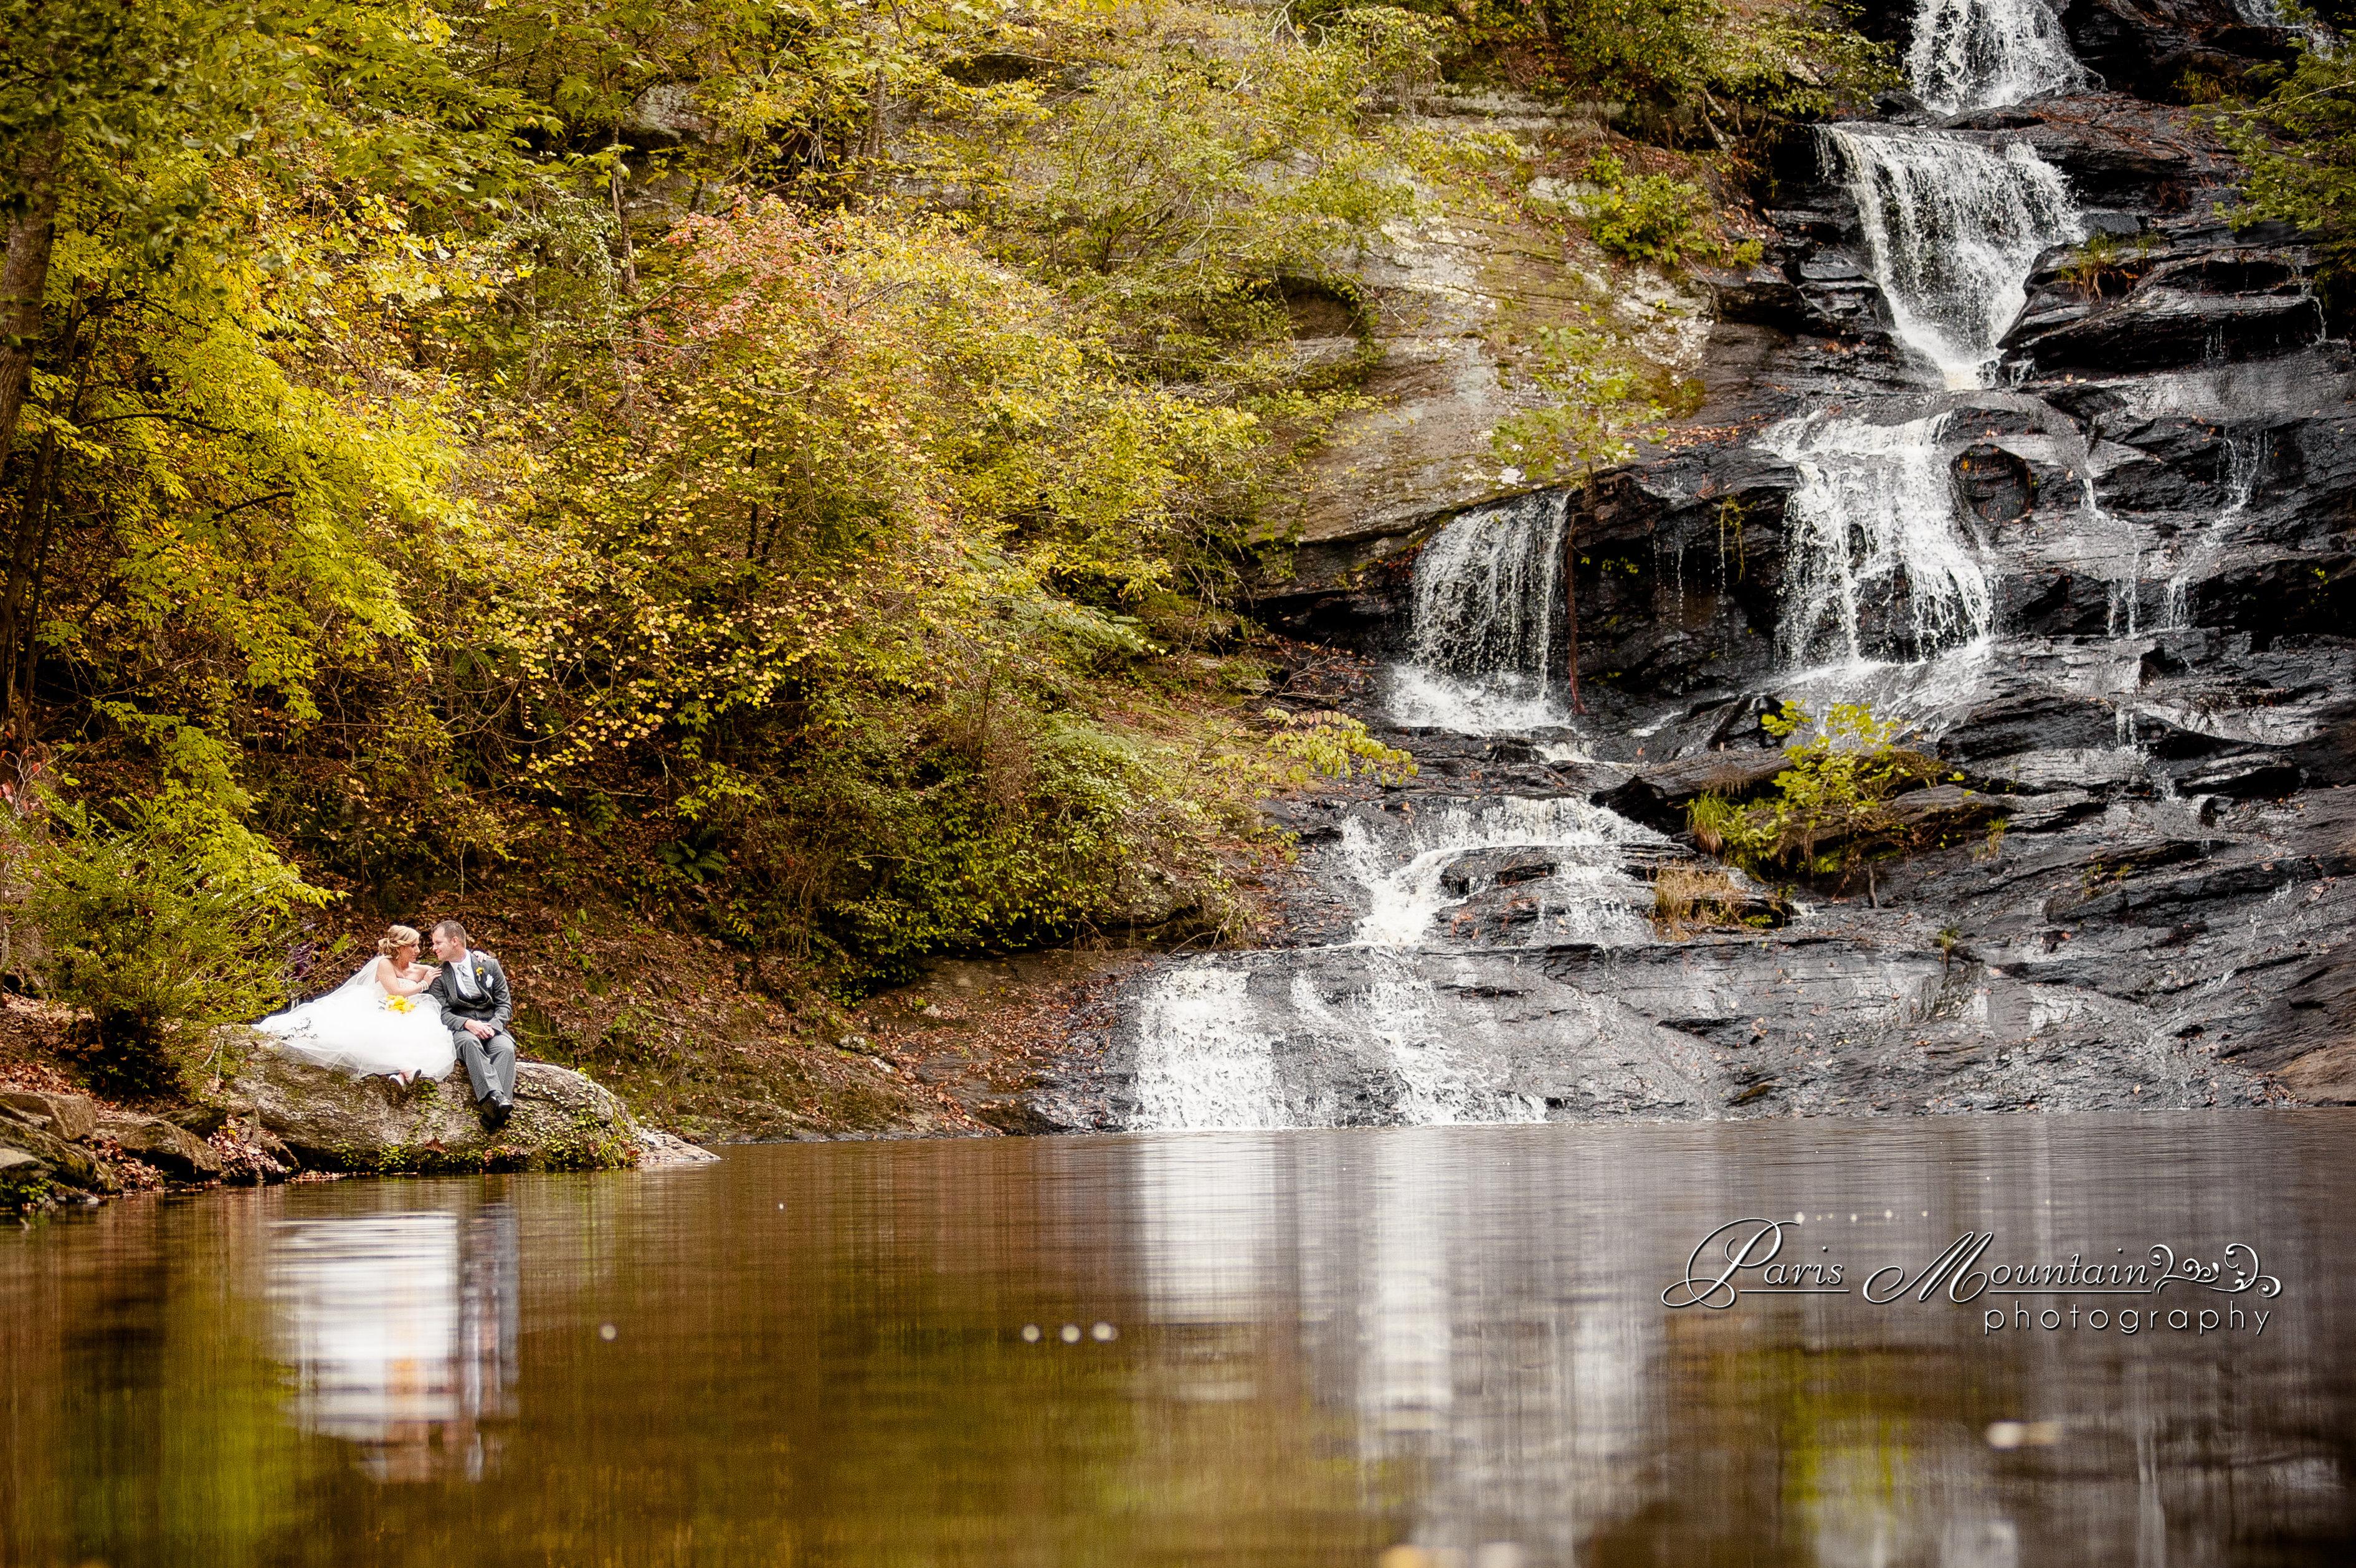 Hightower Falls image 1